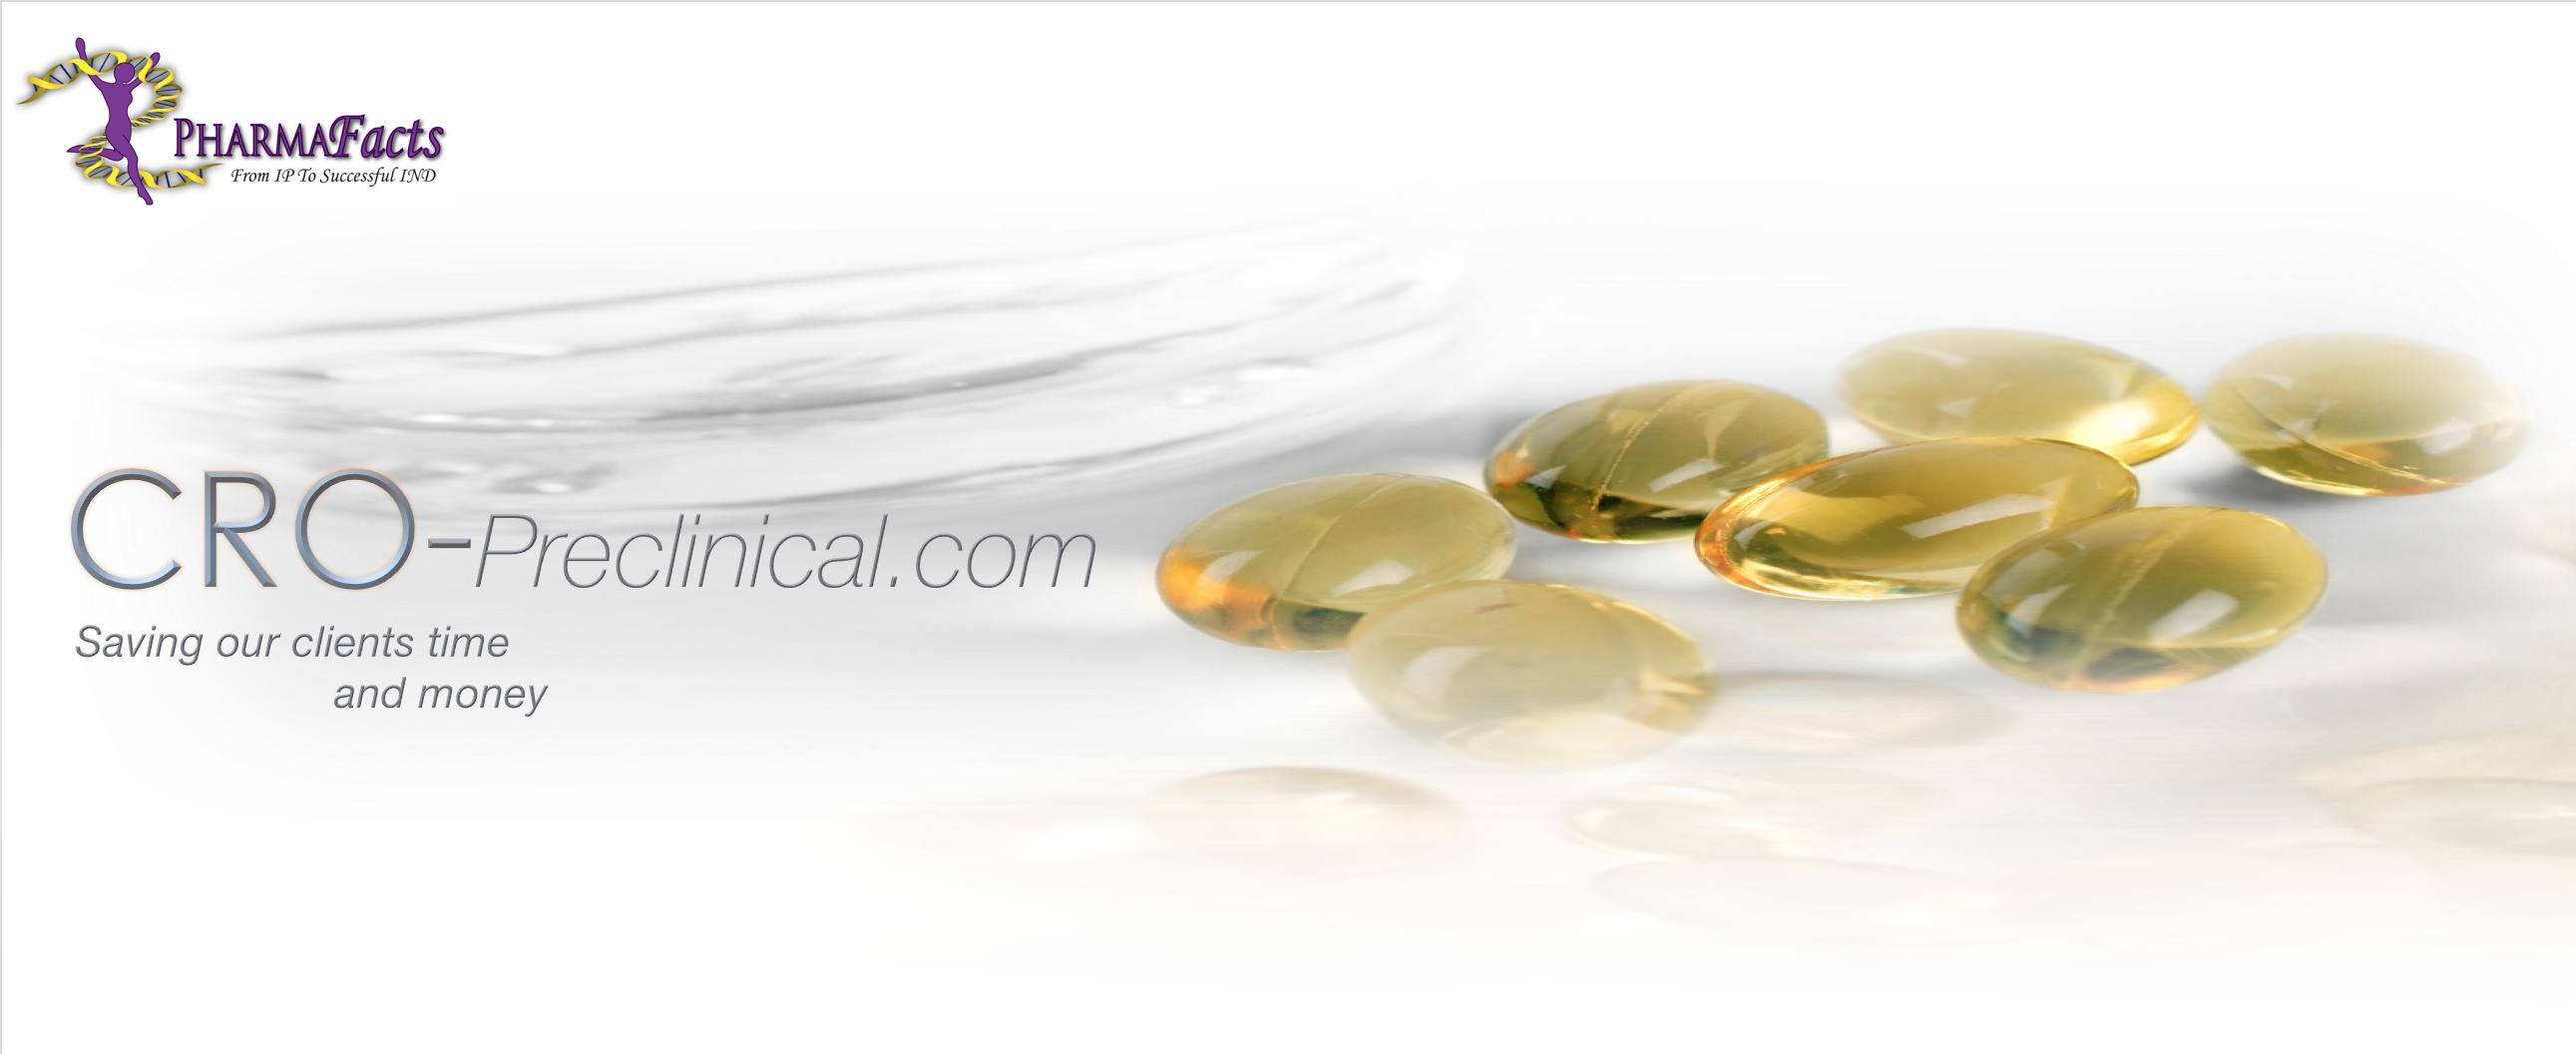 CRO-Preclinical.com